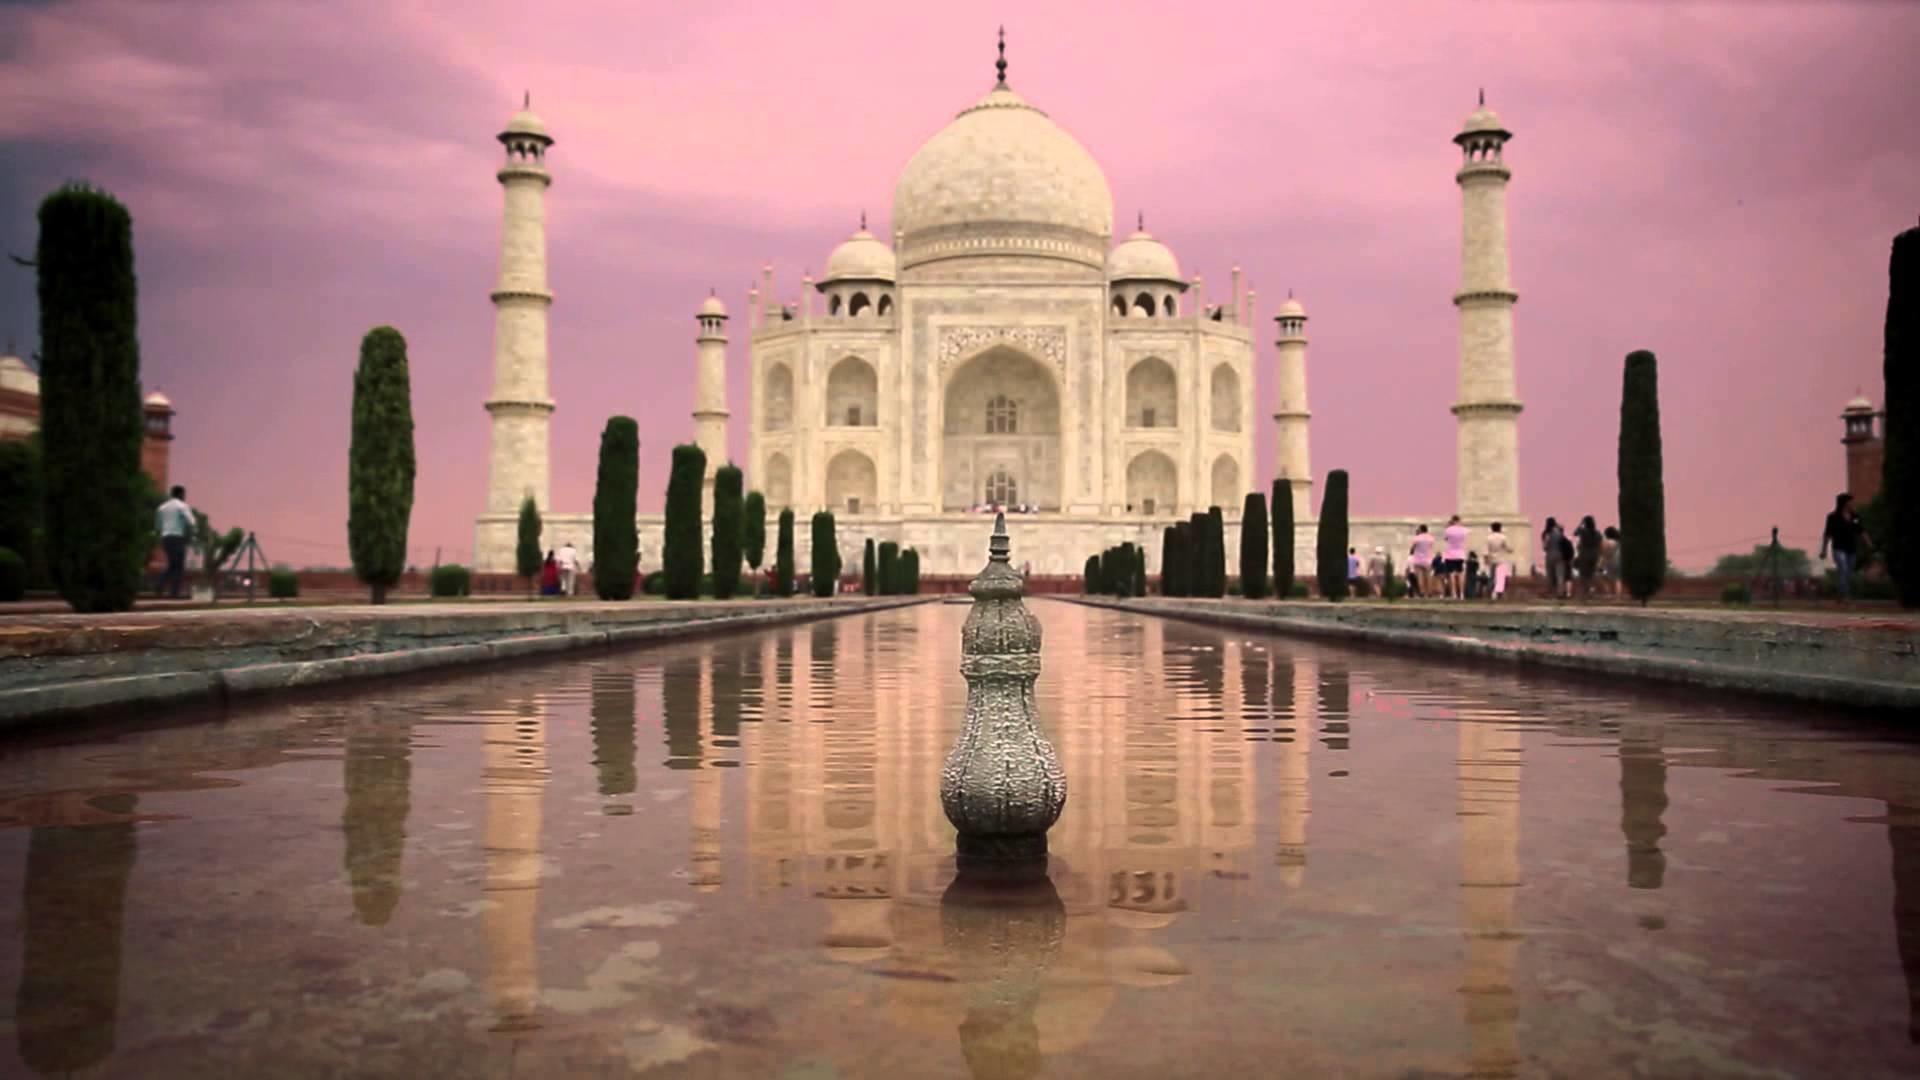 Taj Mahal Hd Wallpaper For Laptop Taj Mahal Wallpaper 183 ① Wallpapertag